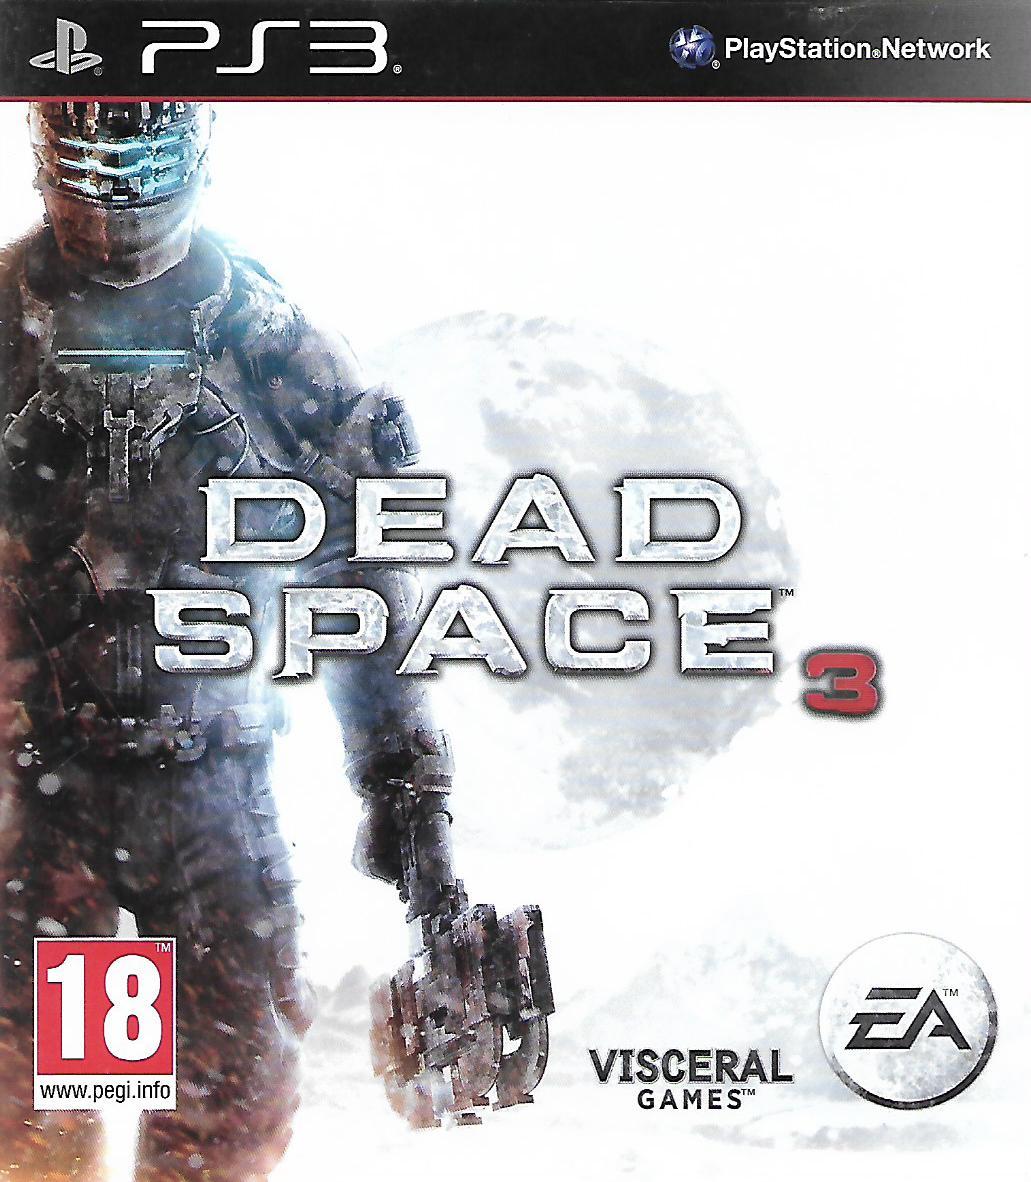 DEAD SPACE 3 (PS3 - bazar)